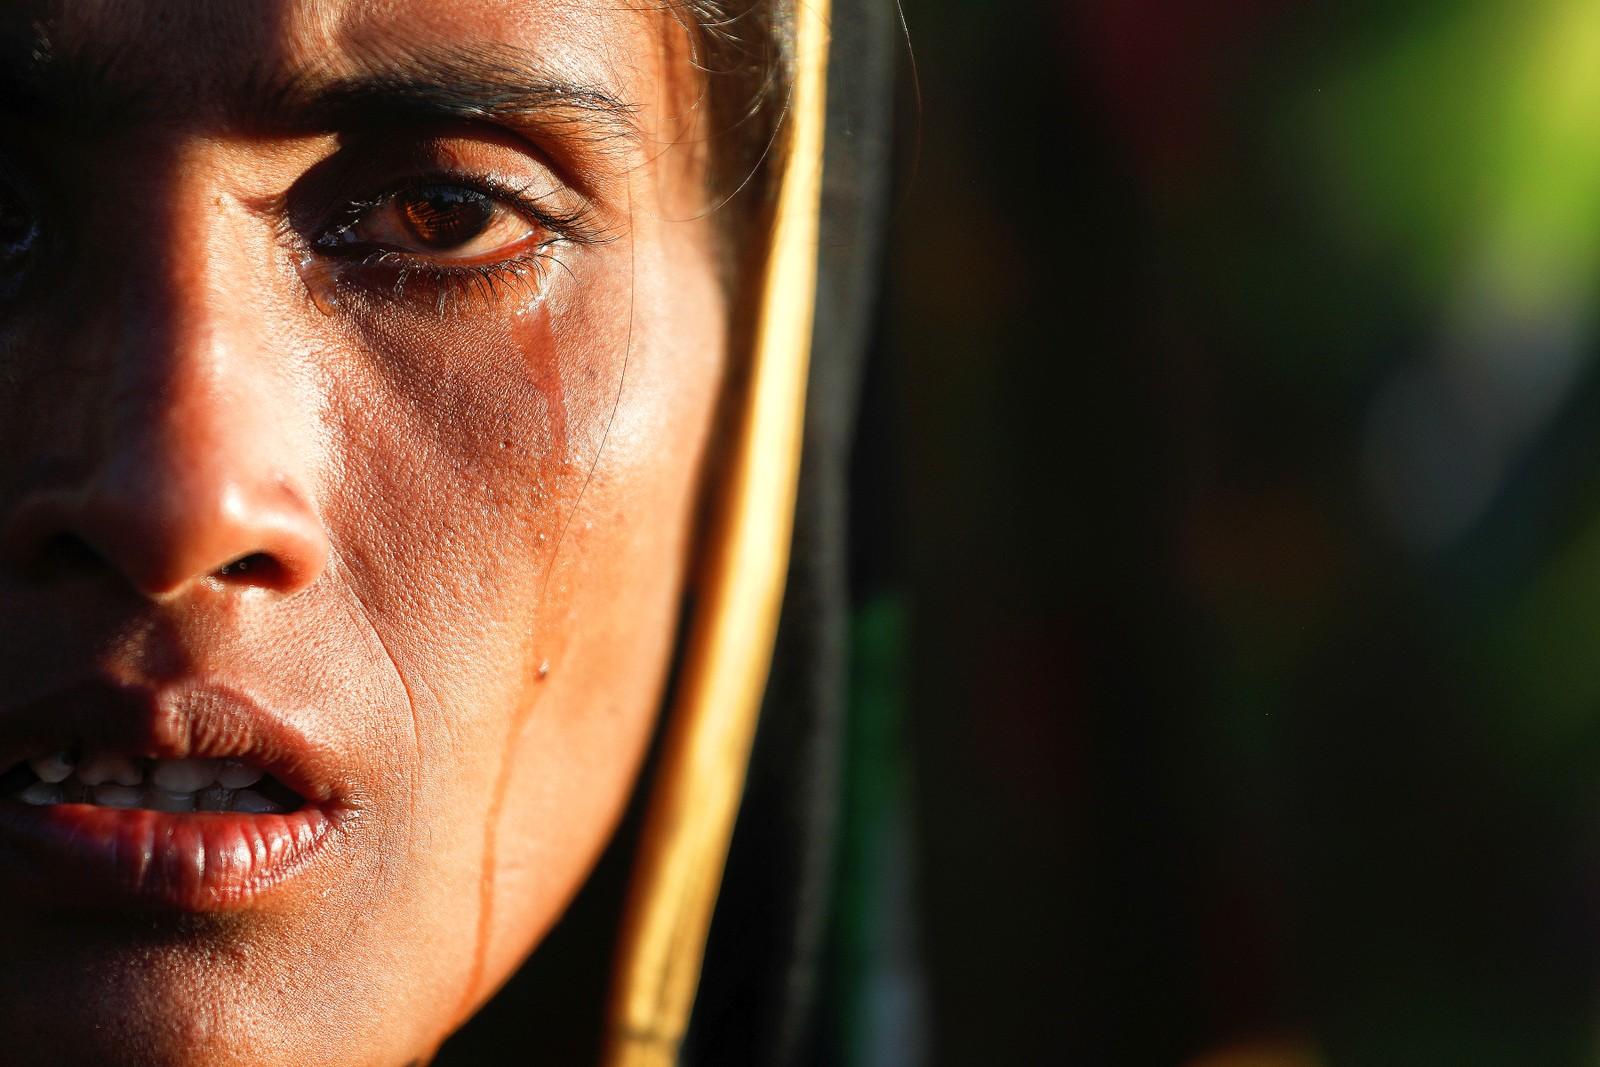 Amina Khatun er en 30 år gammel Rohingya-kvinne. Dagen før dette bilde ble tatt flyktet hun fra Myanmar til Bangladesh.